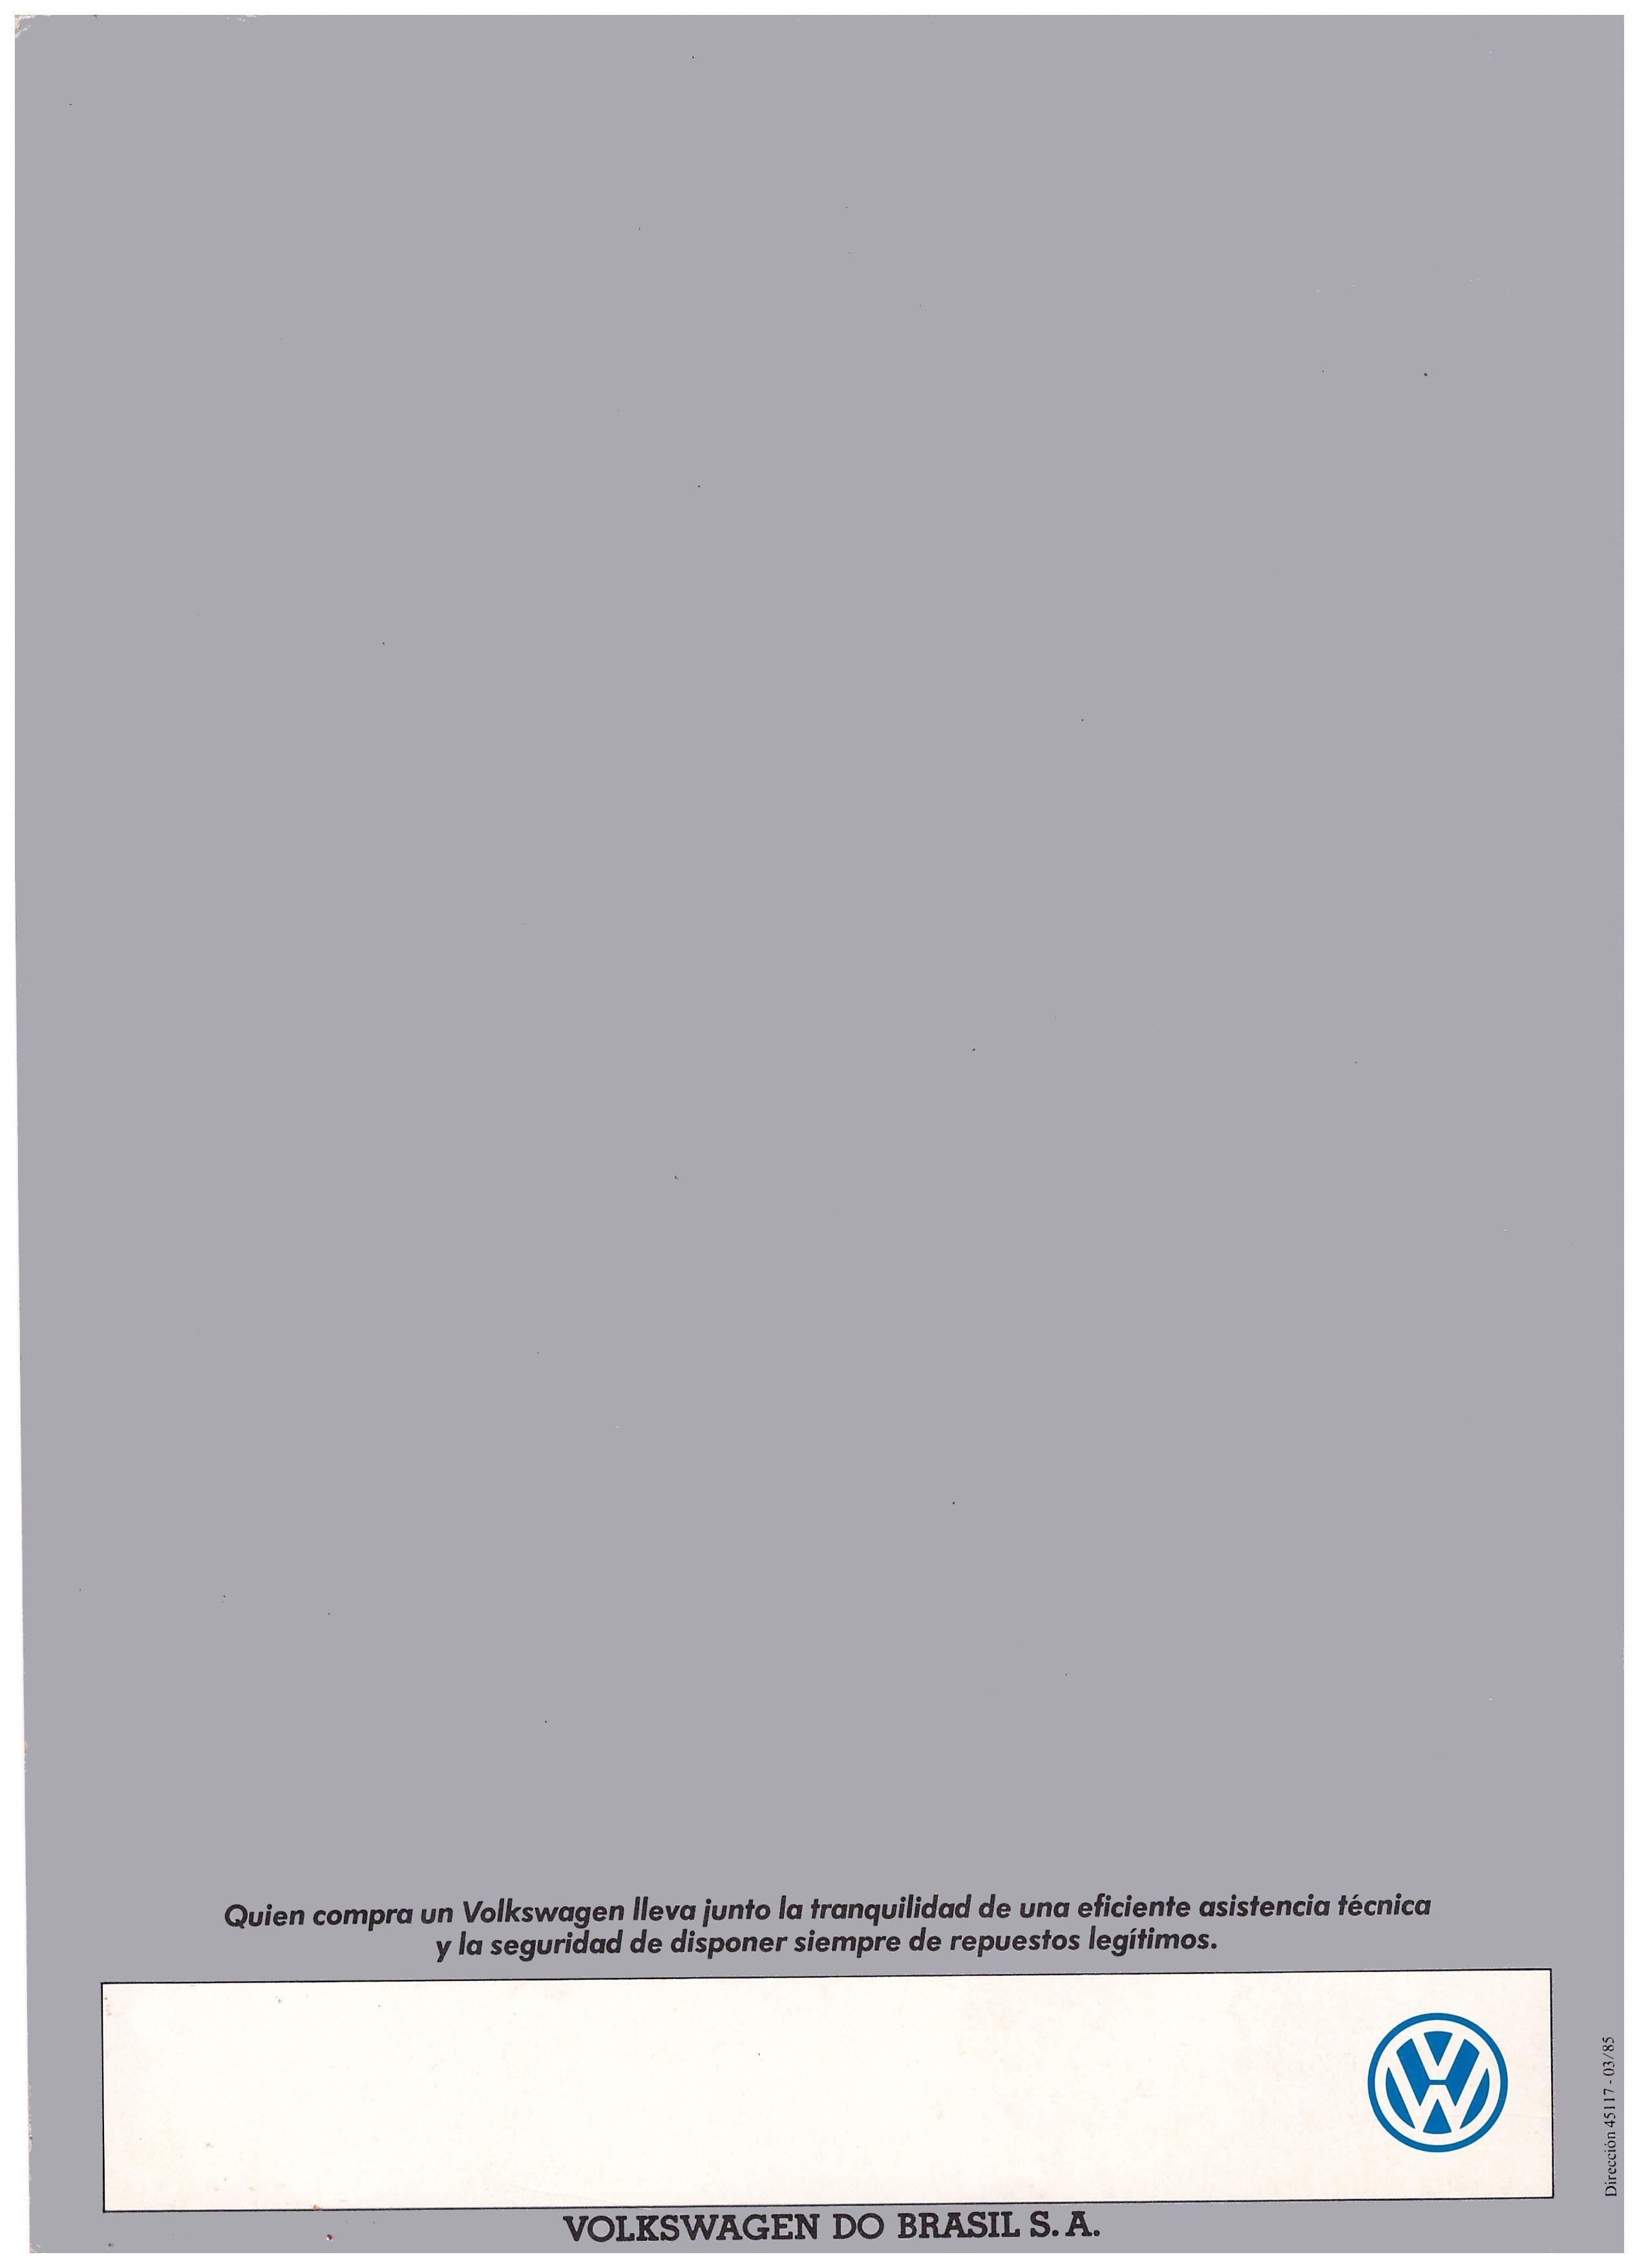 1986 Volkswagen Amazon brochure Volkswagen